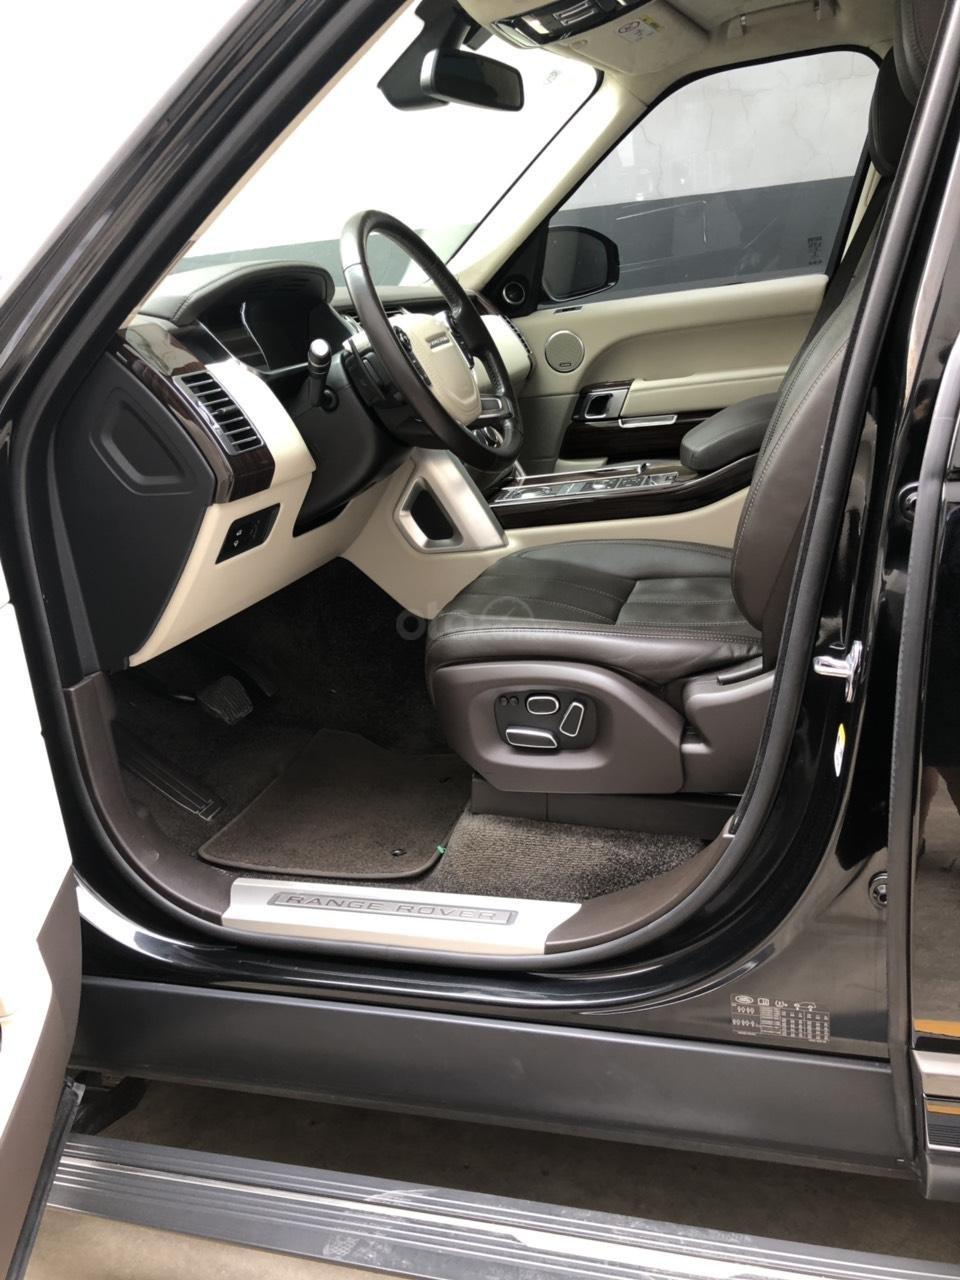 Chính chủ bán giá xe Range Rover Vogue màu đen 2015 xe đẹp giá tốt 093 2222253-6